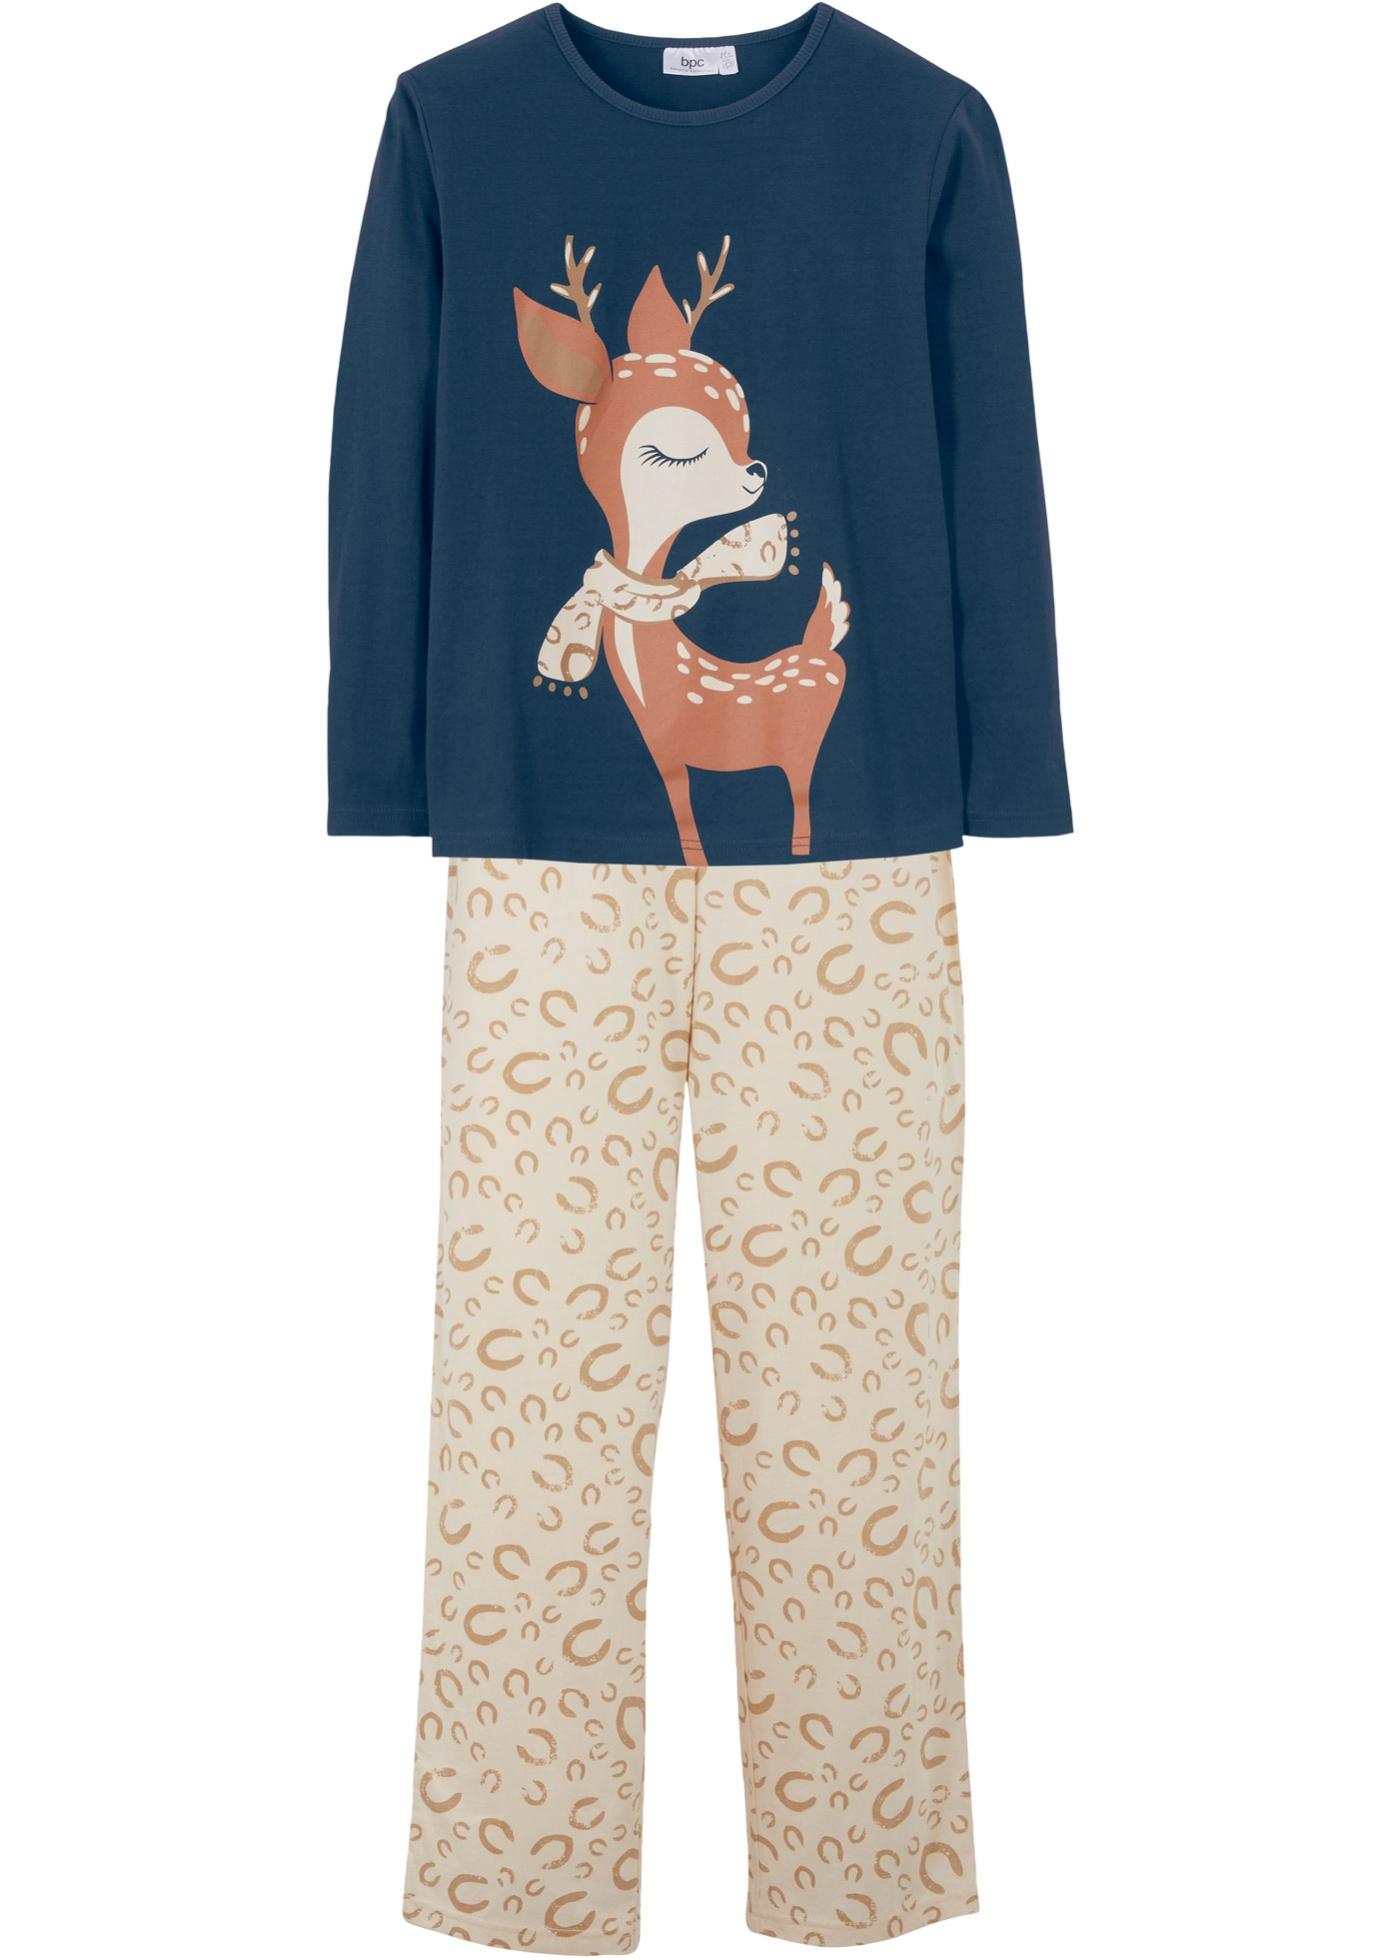 Pyjama enfant (Ens. 2 pces.), coton bio